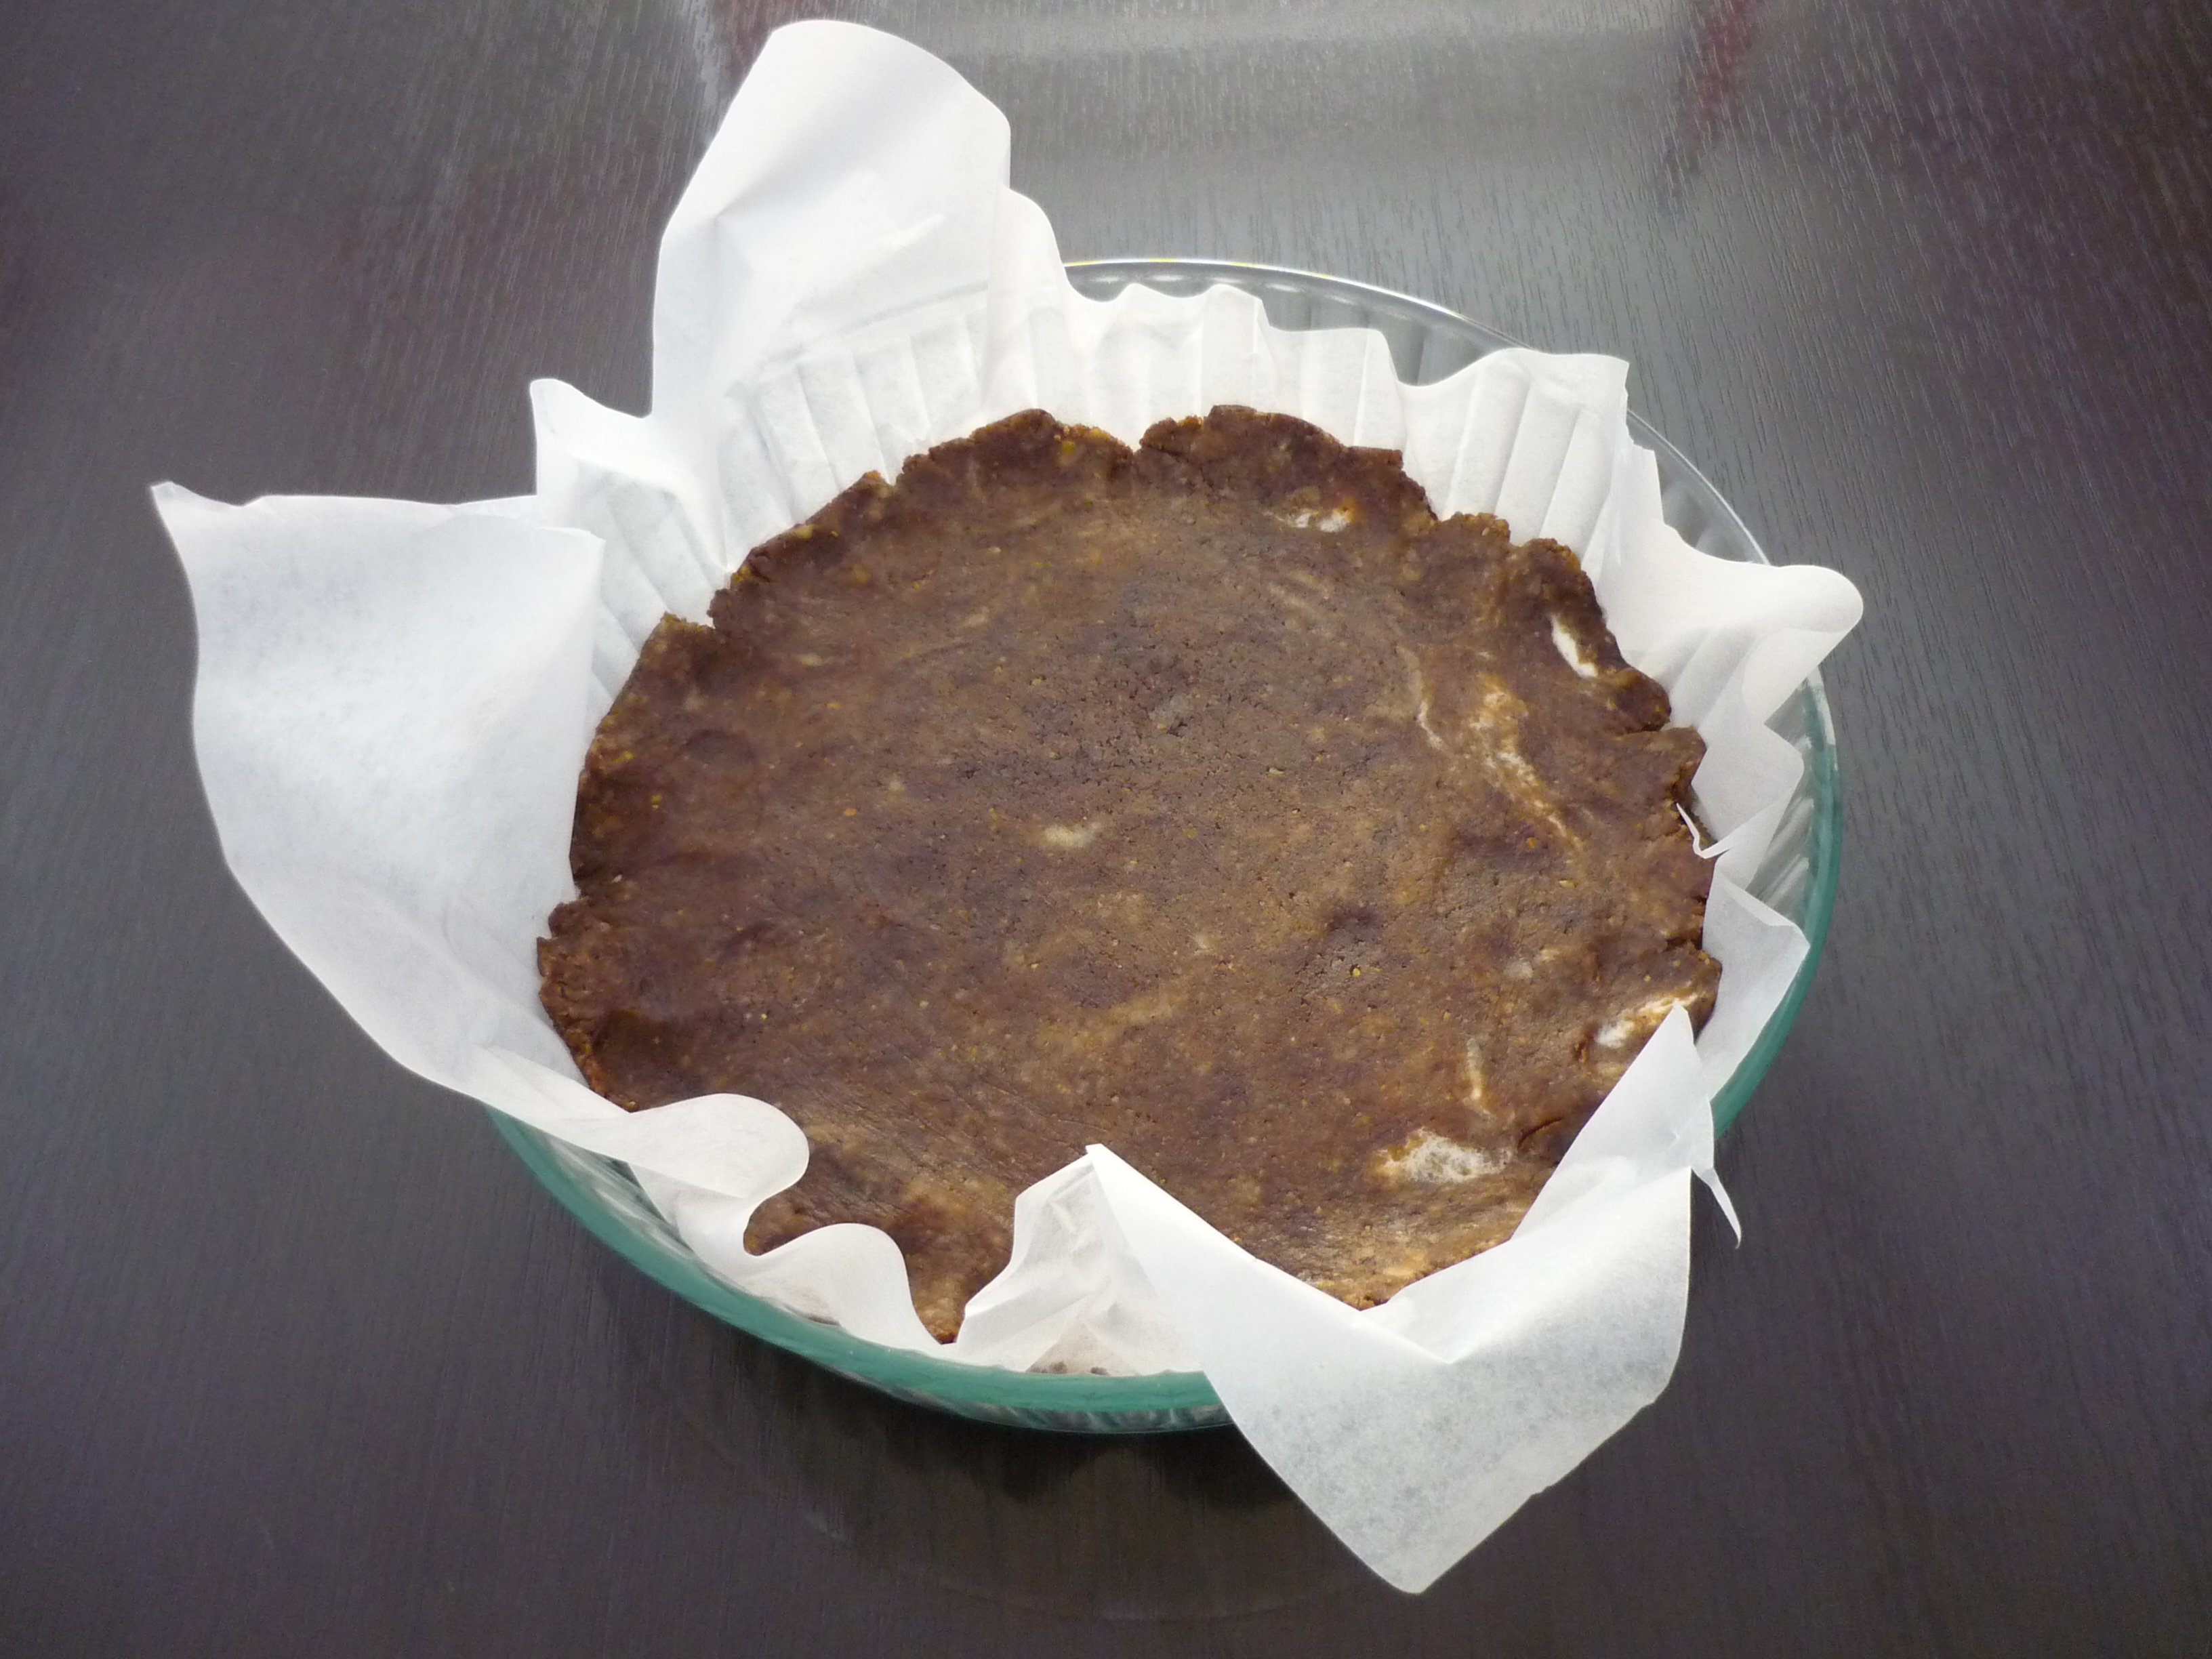 coprire con la pasta il fondo della tortiera